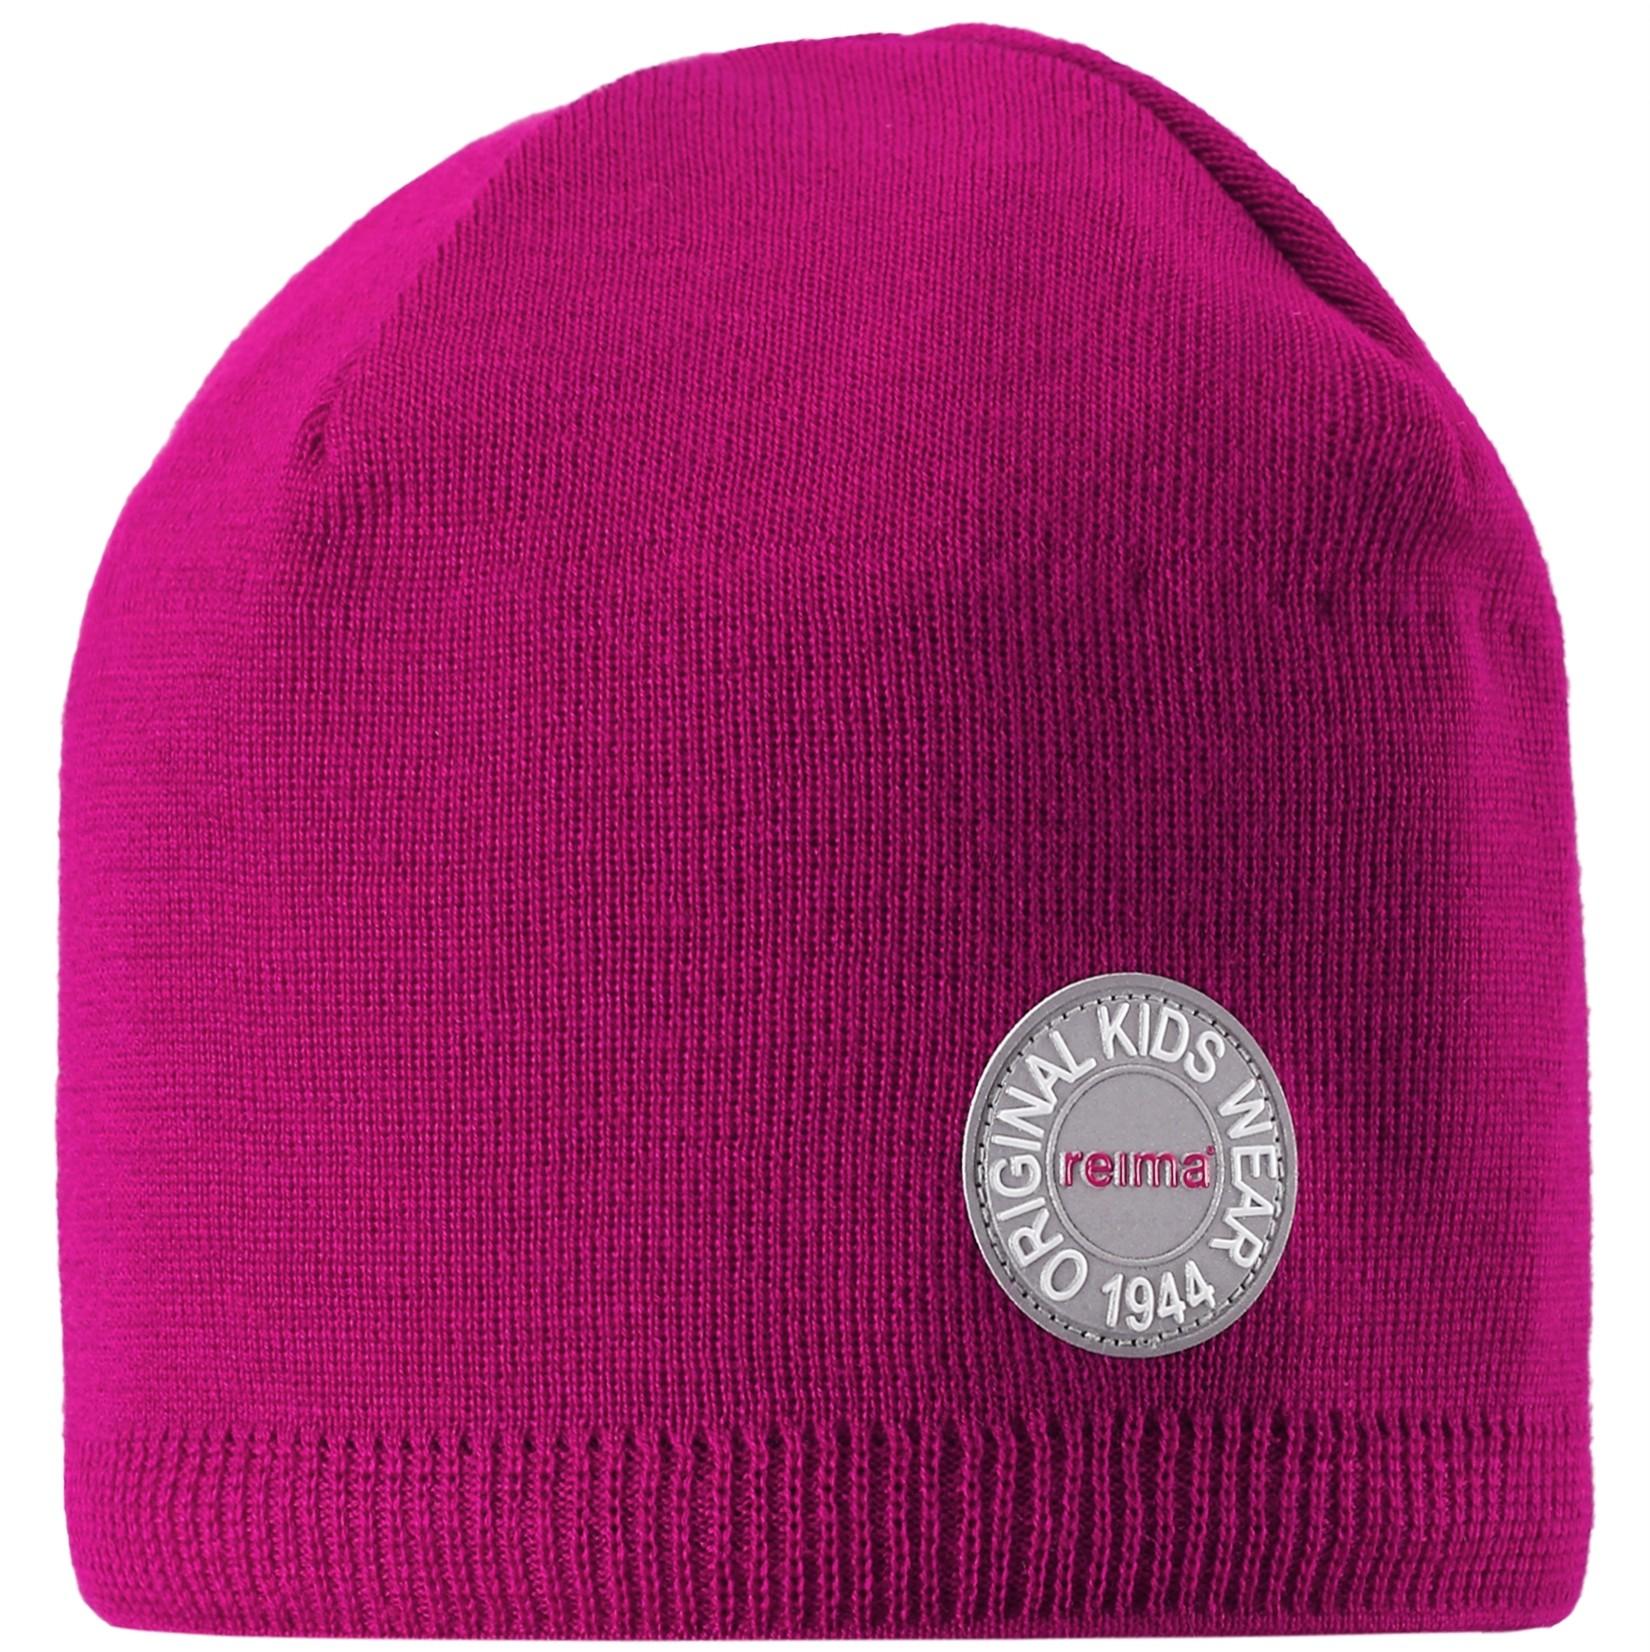 Головные уборы Reima Шапка для девочки Nebula Reima шапка для девочки reima lilja цвет розовый 5285763290 размер 44